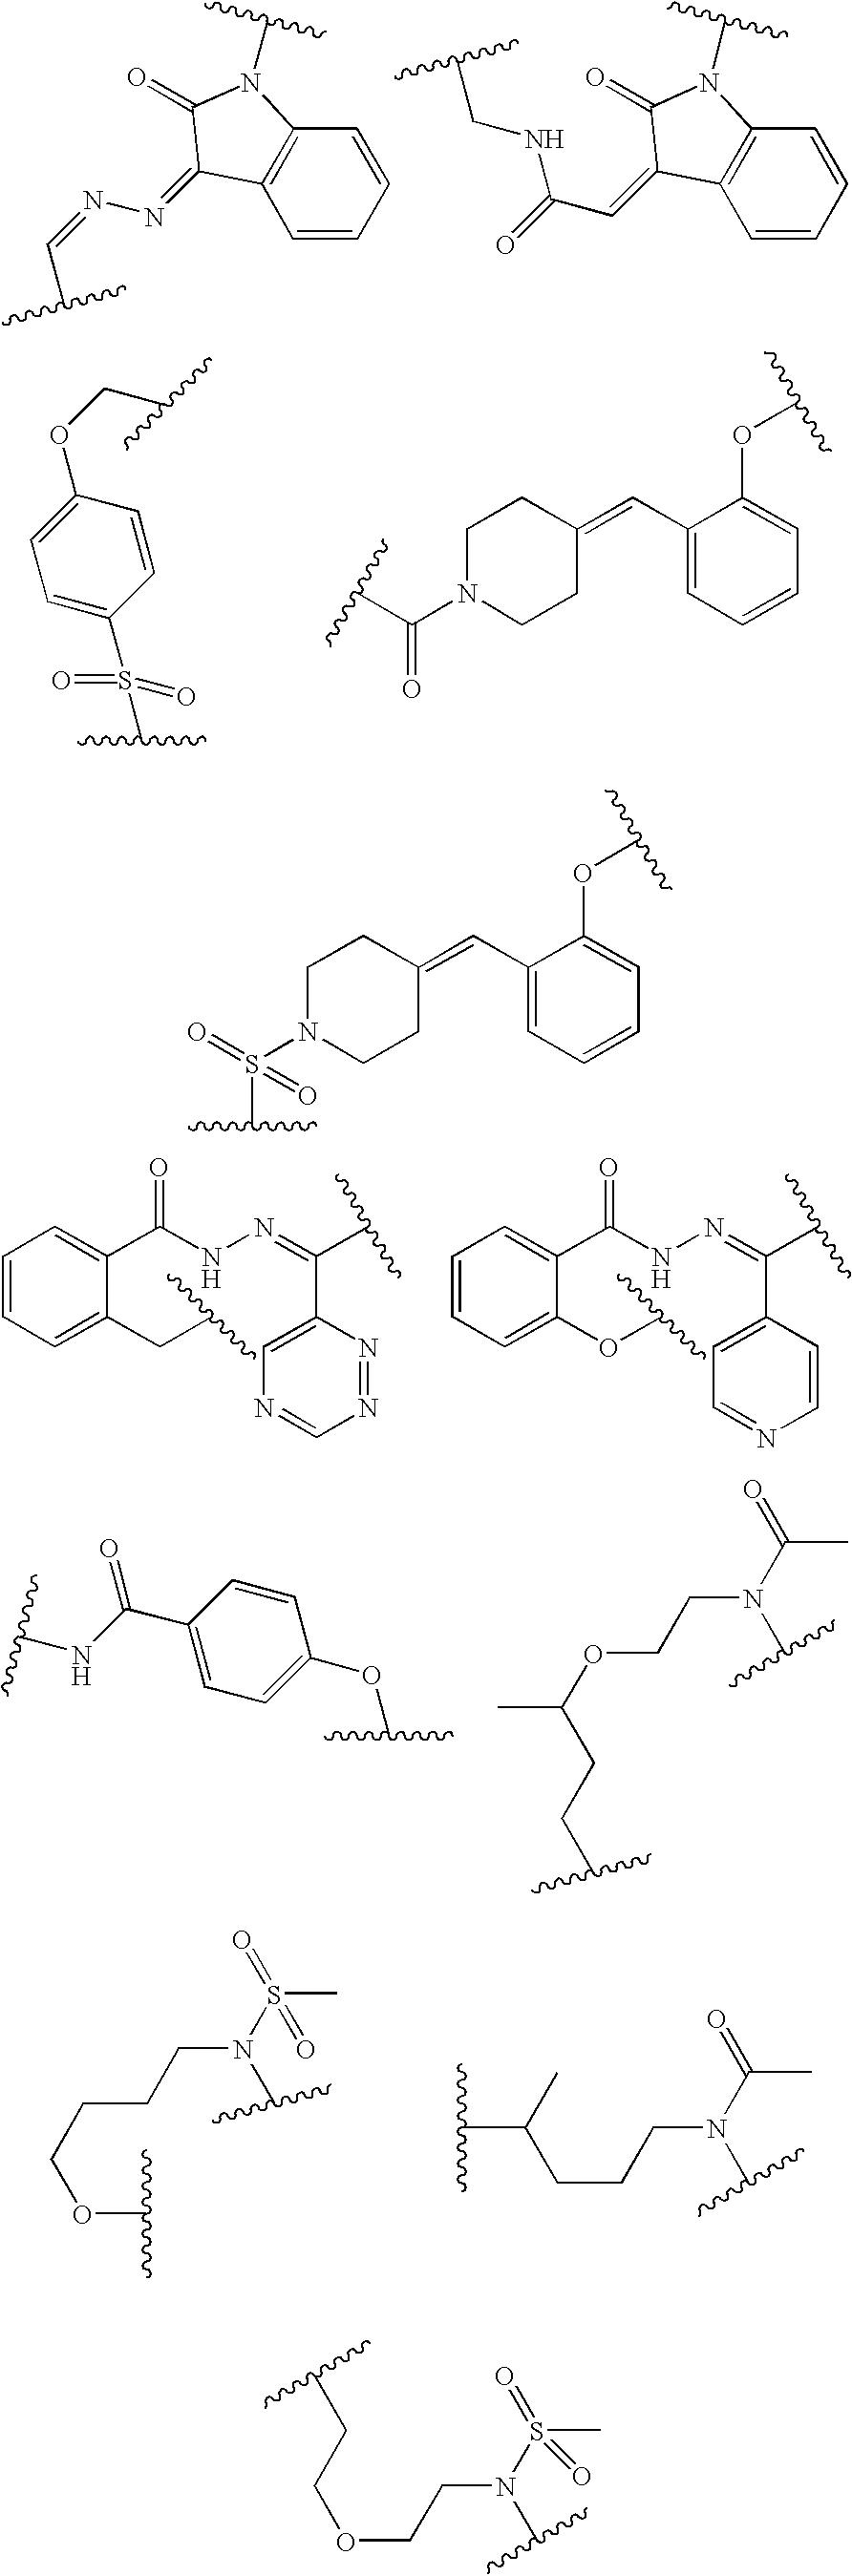 Figure US20040204477A1-20041014-C00025